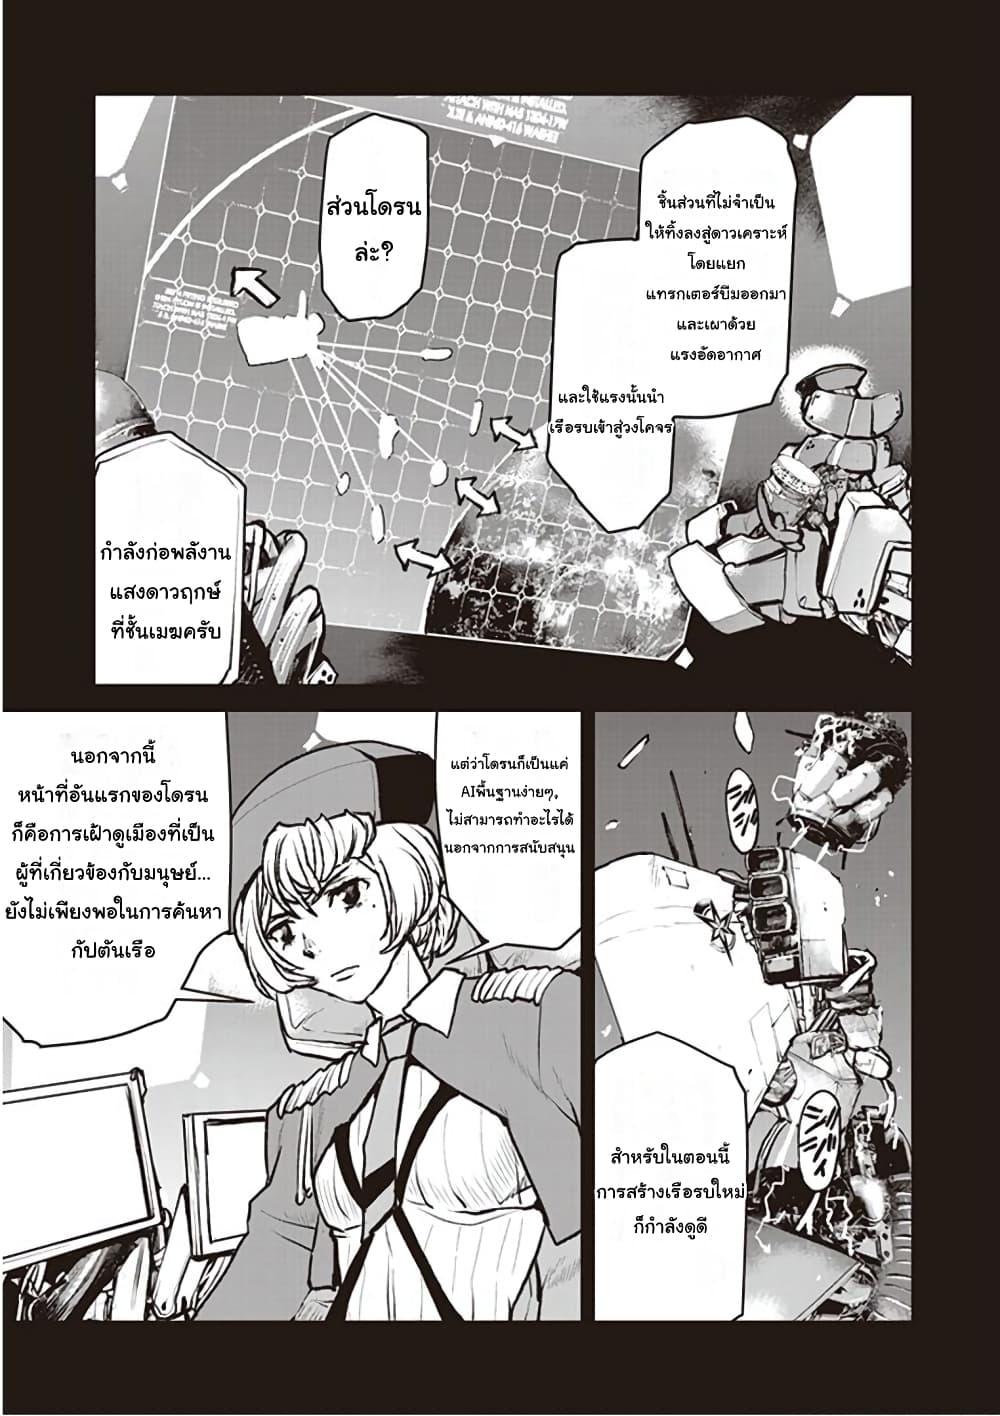 อ่านการ์ตูน The Galactic Navy Officer Becomes an Adventurer ตอนที่ 5 หน้าที่ 21